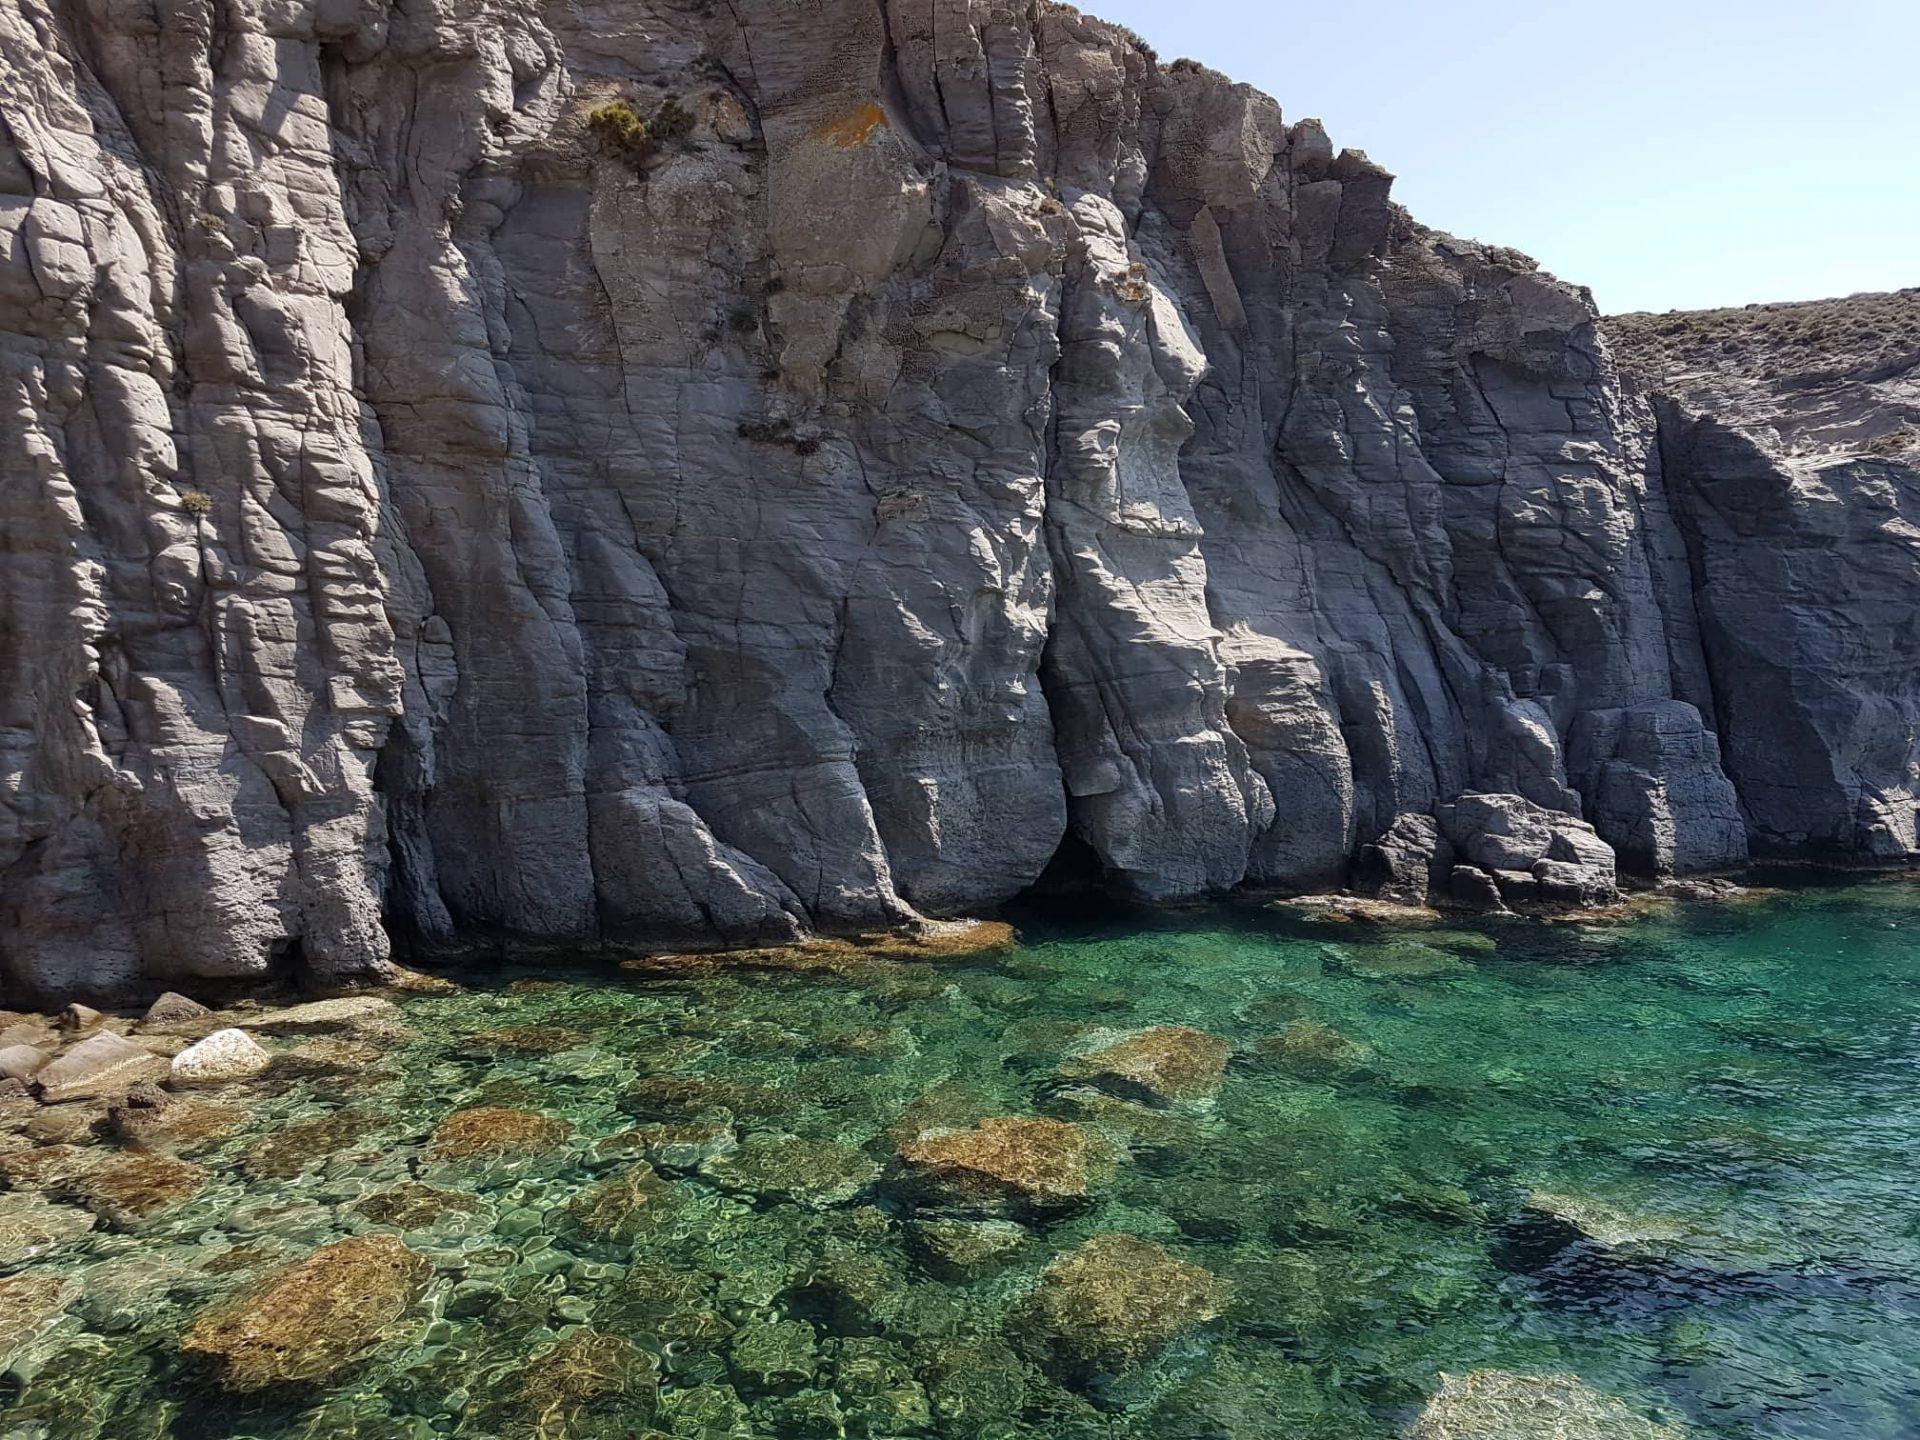 Izjemne plaže Sardinije